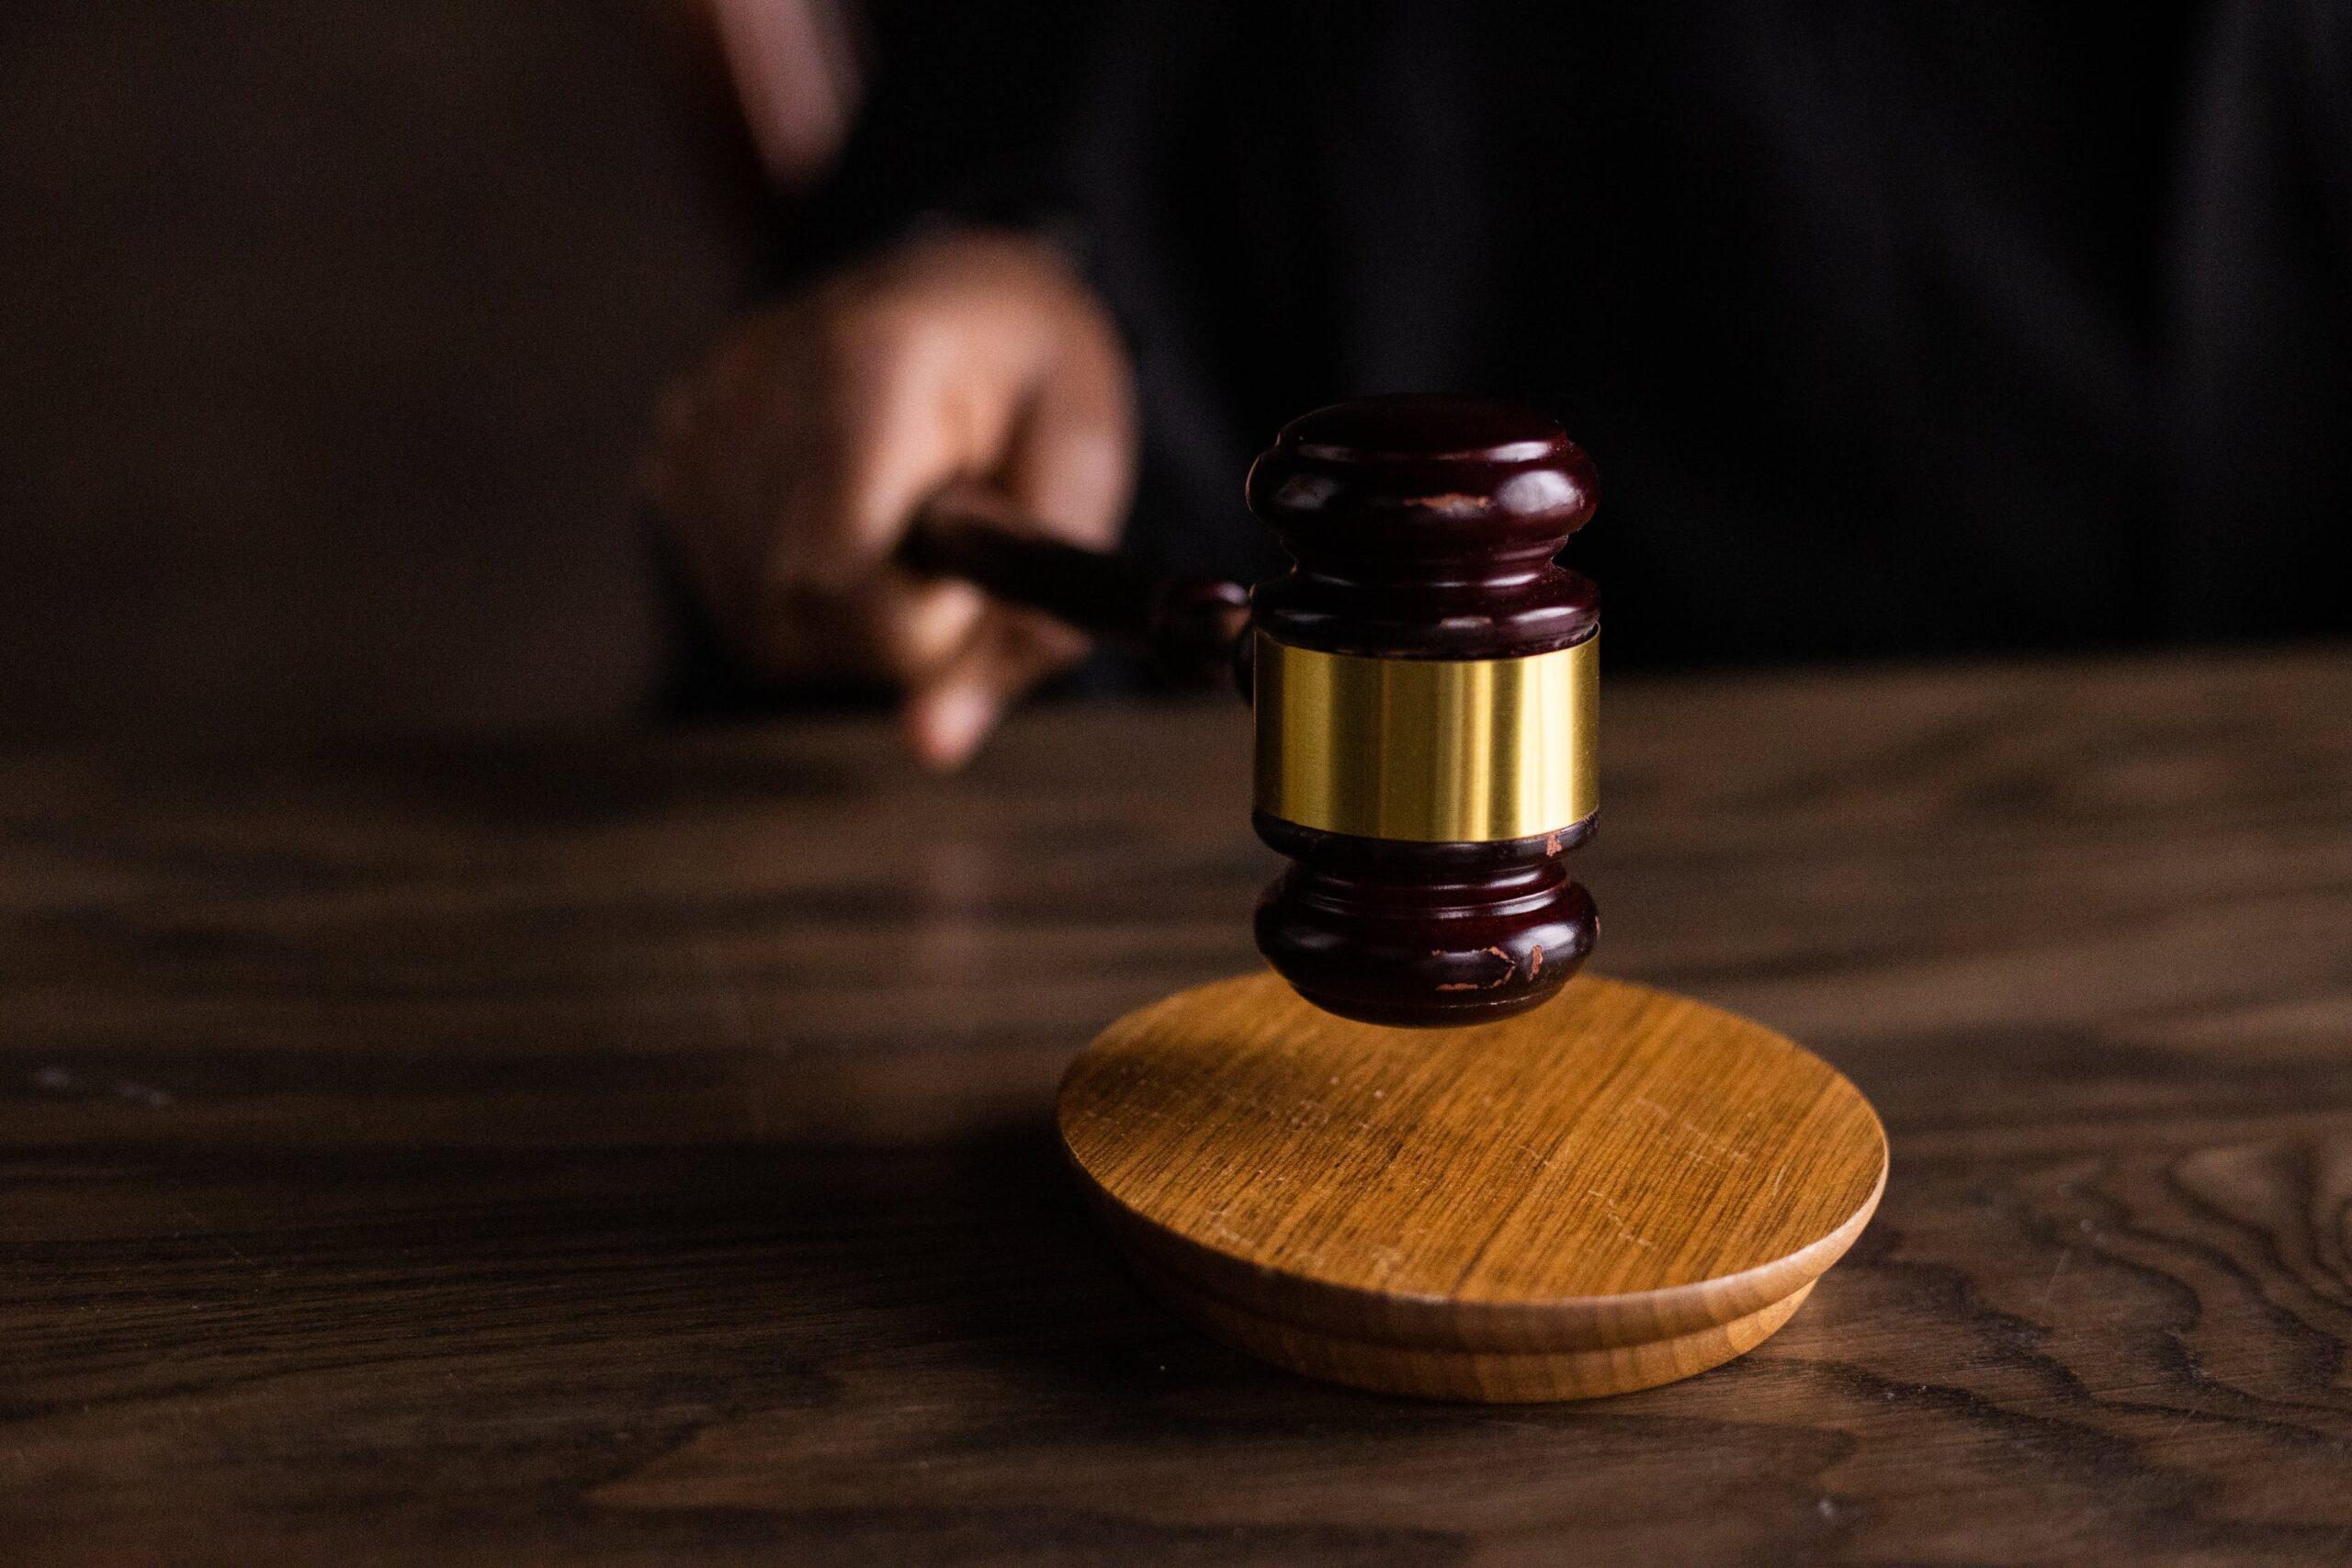 Nieodpłatna pomoc prawna 2021: dla kogo? gdzie? jak się zapisać?